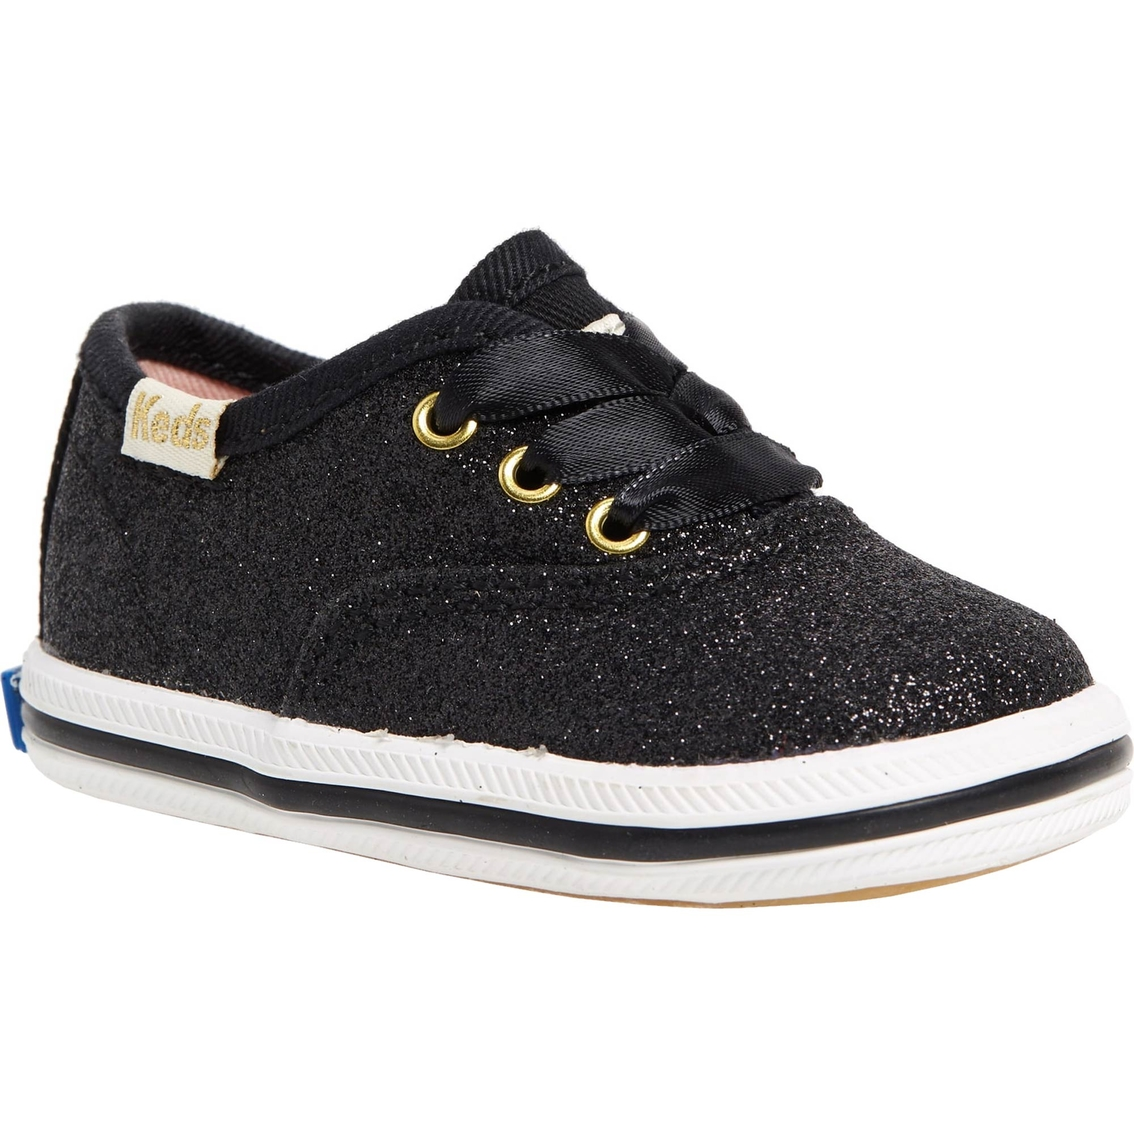 a2e9dde1716cd Keds Infant Girl s Kate Spade Champion Glitter Sneakers